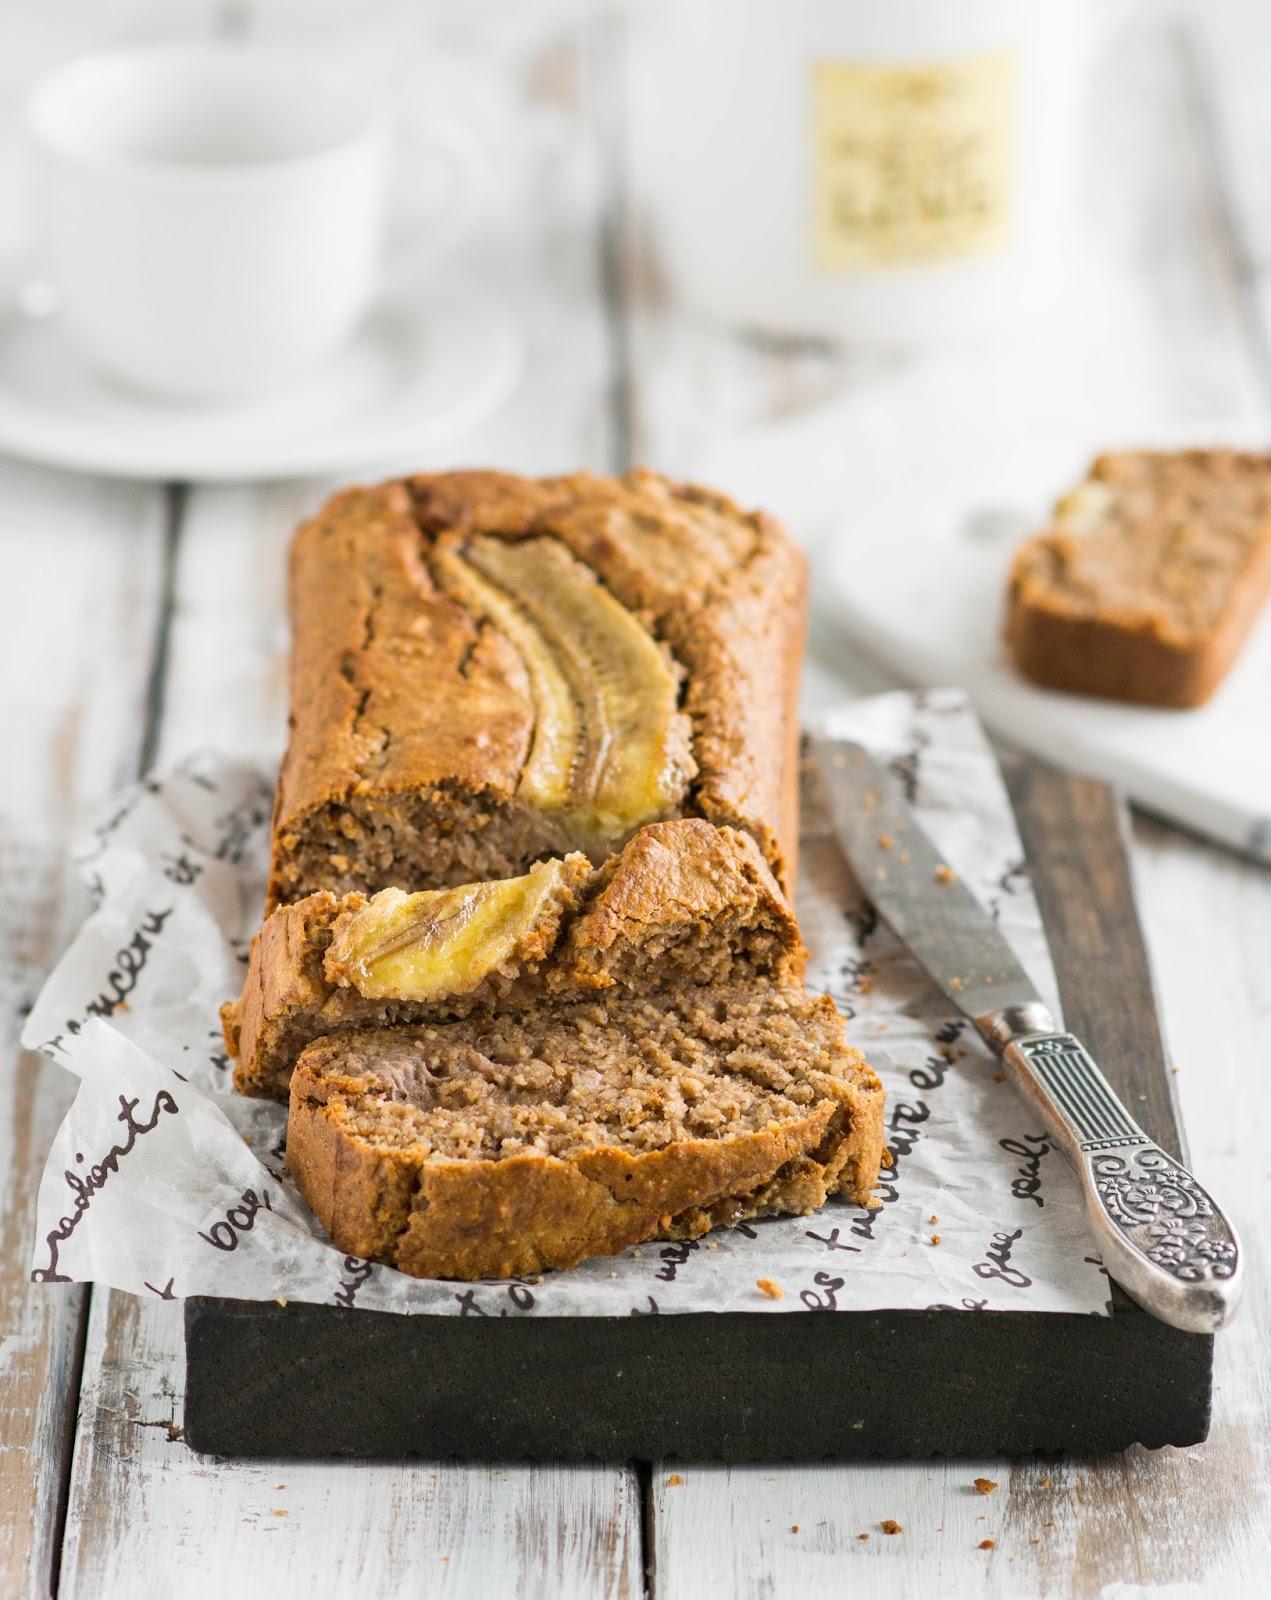 Диетический банановый хлеб: рецепт картинки